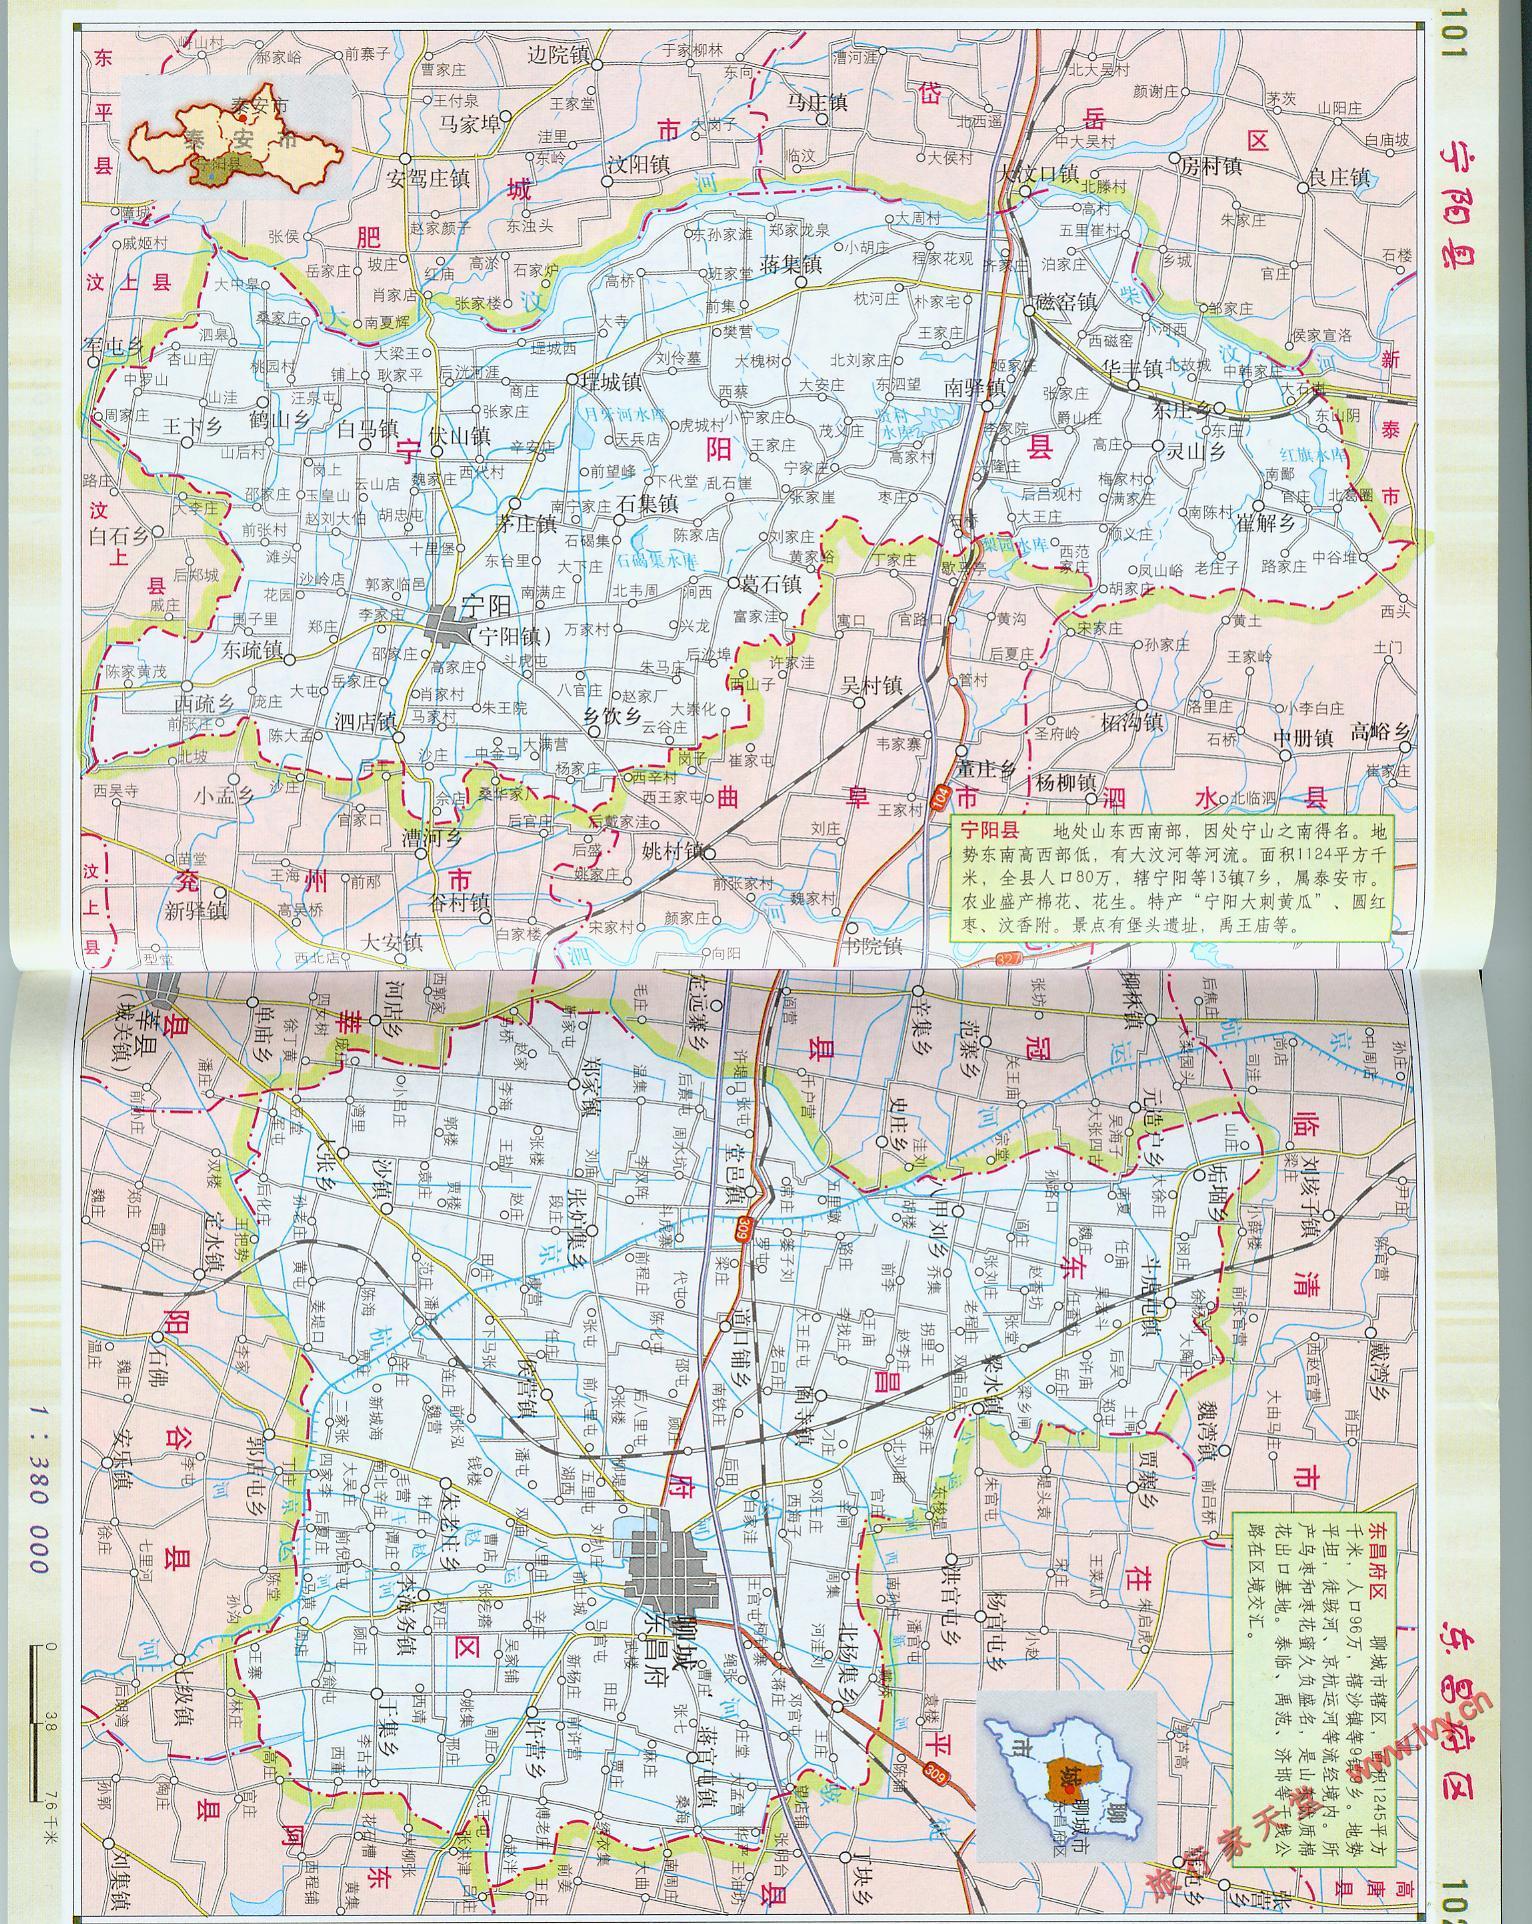 宁阳县地图_泰安市地图查询